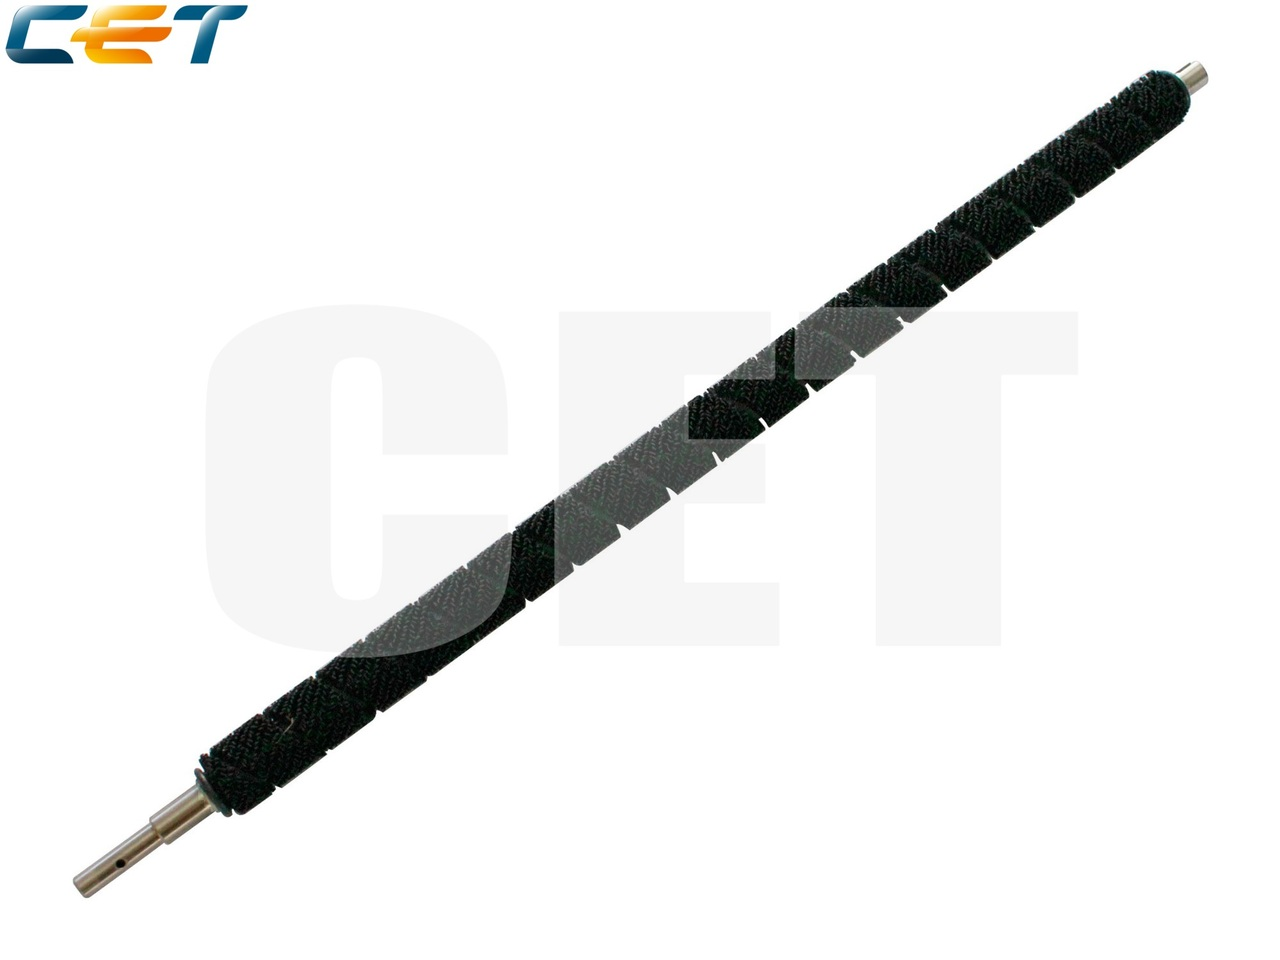 Щетка очистки барабана B247-2330 для RICOH Aficio1060/1075 (CET), CET8115